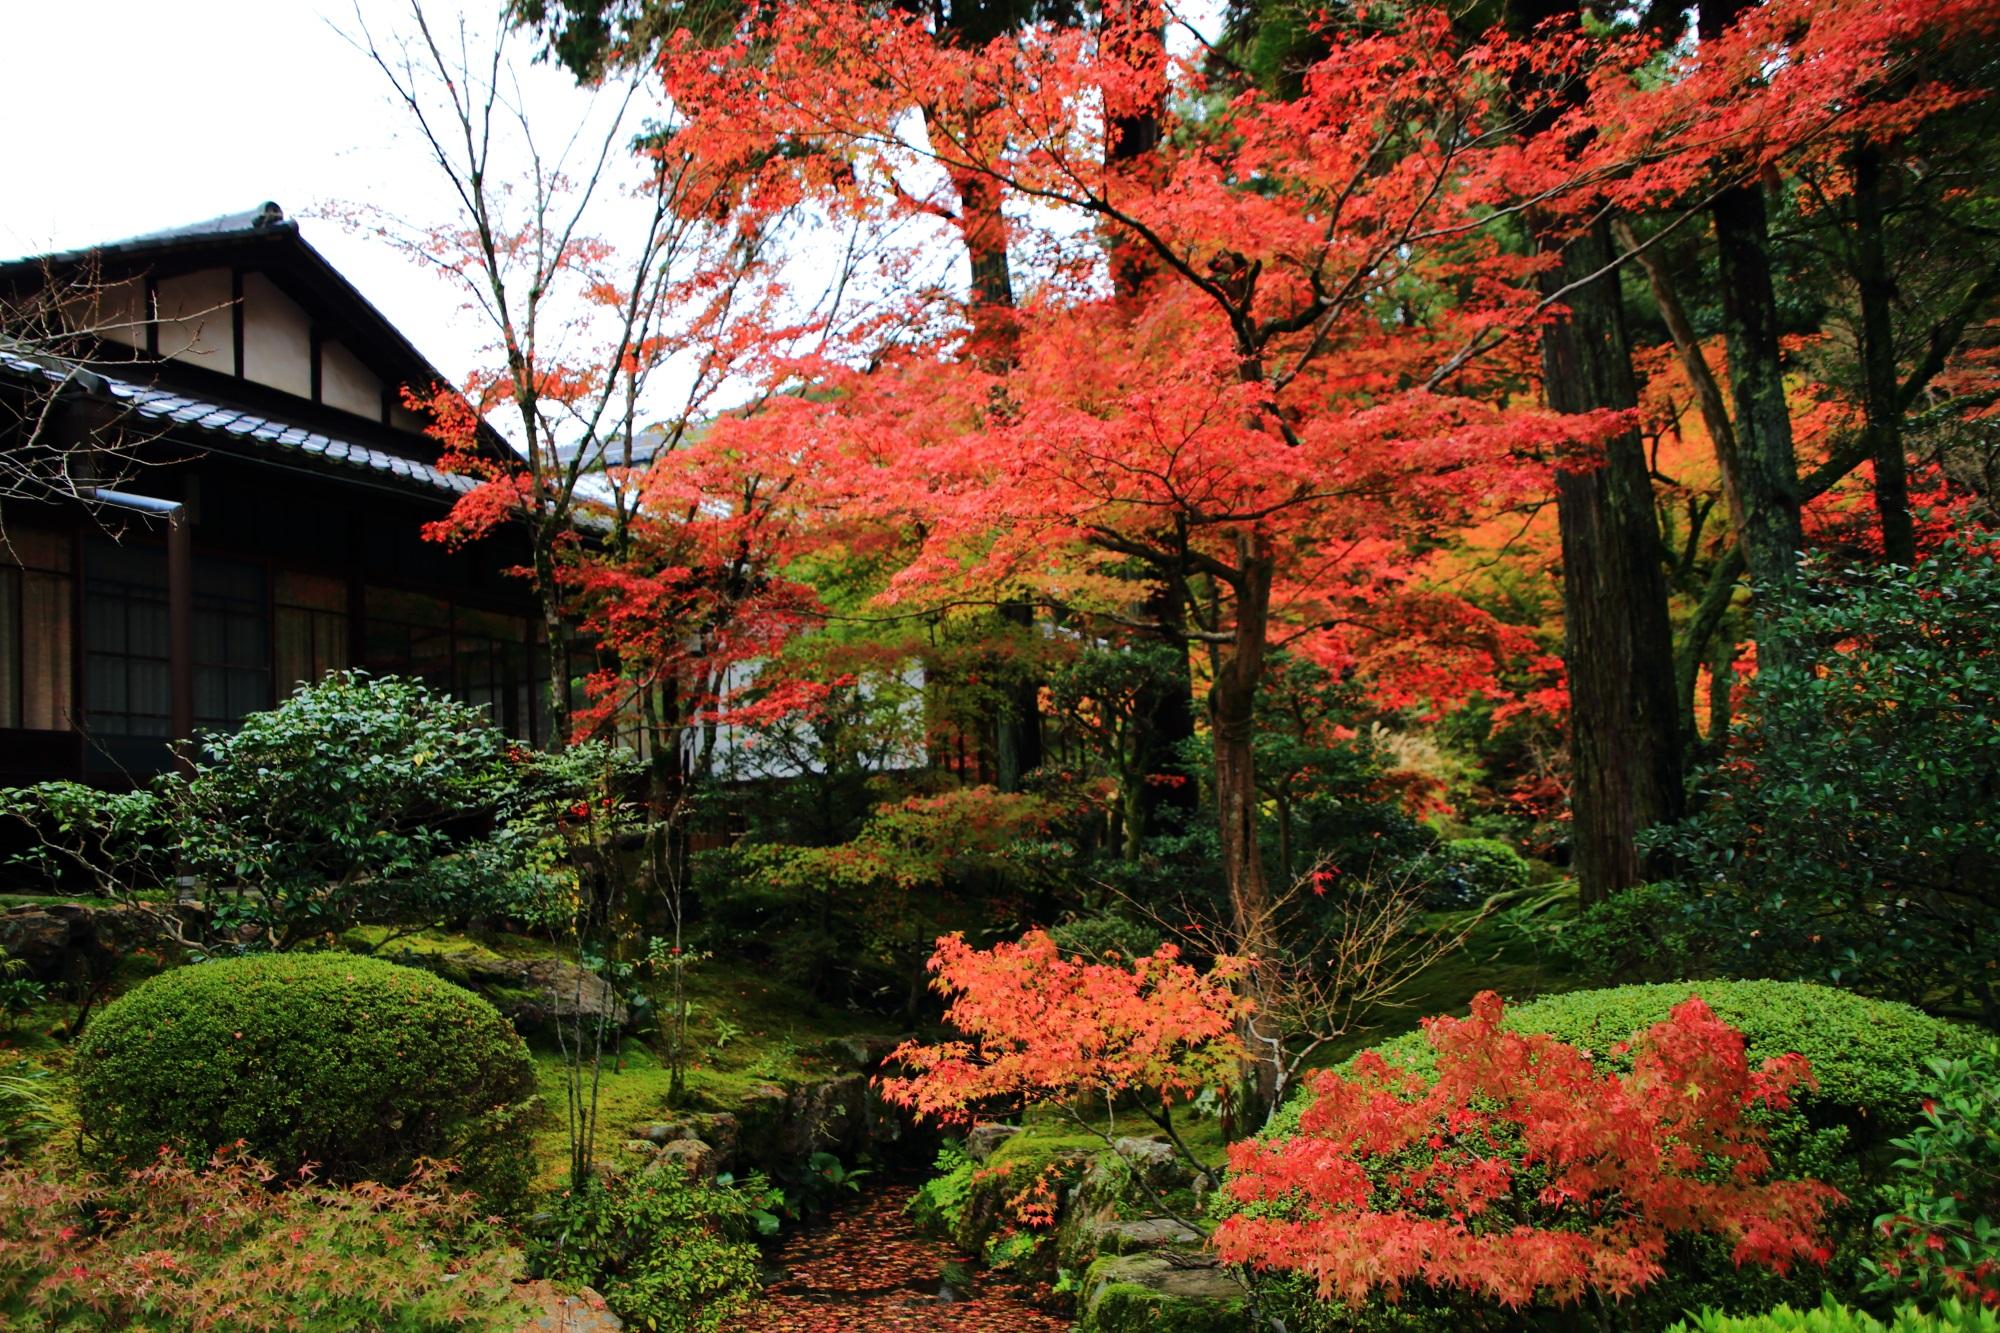 天授庵の緑に映える色合いの紅葉